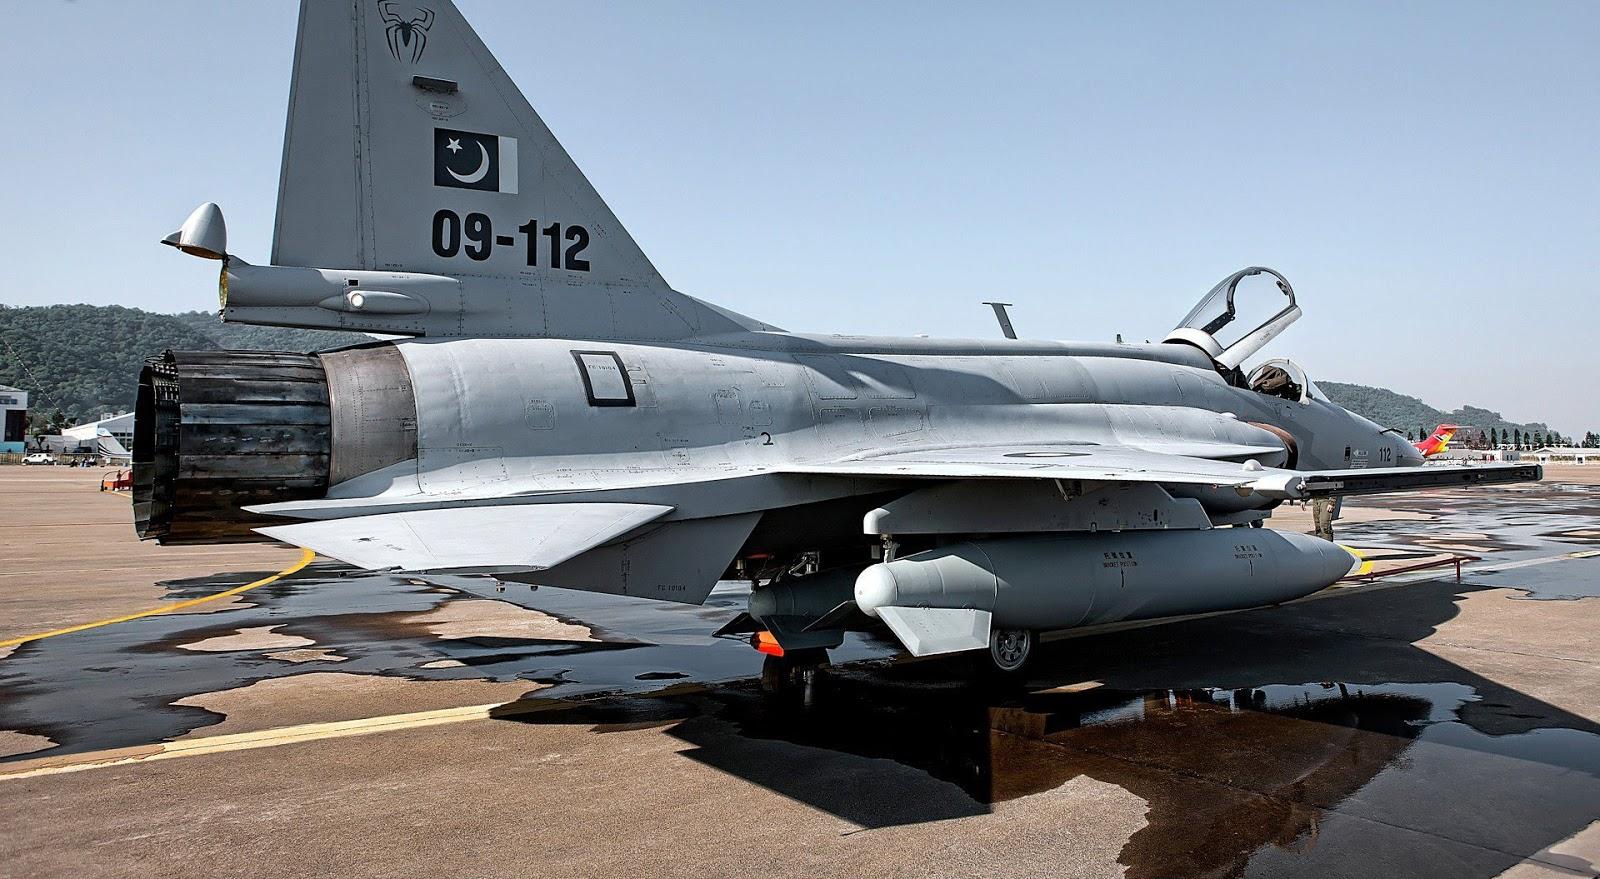 Especialista afirma: fabricantes do caça sino-paquistanês JF-17 'Thunder' mantém a Força Aérea da Argentina no radar